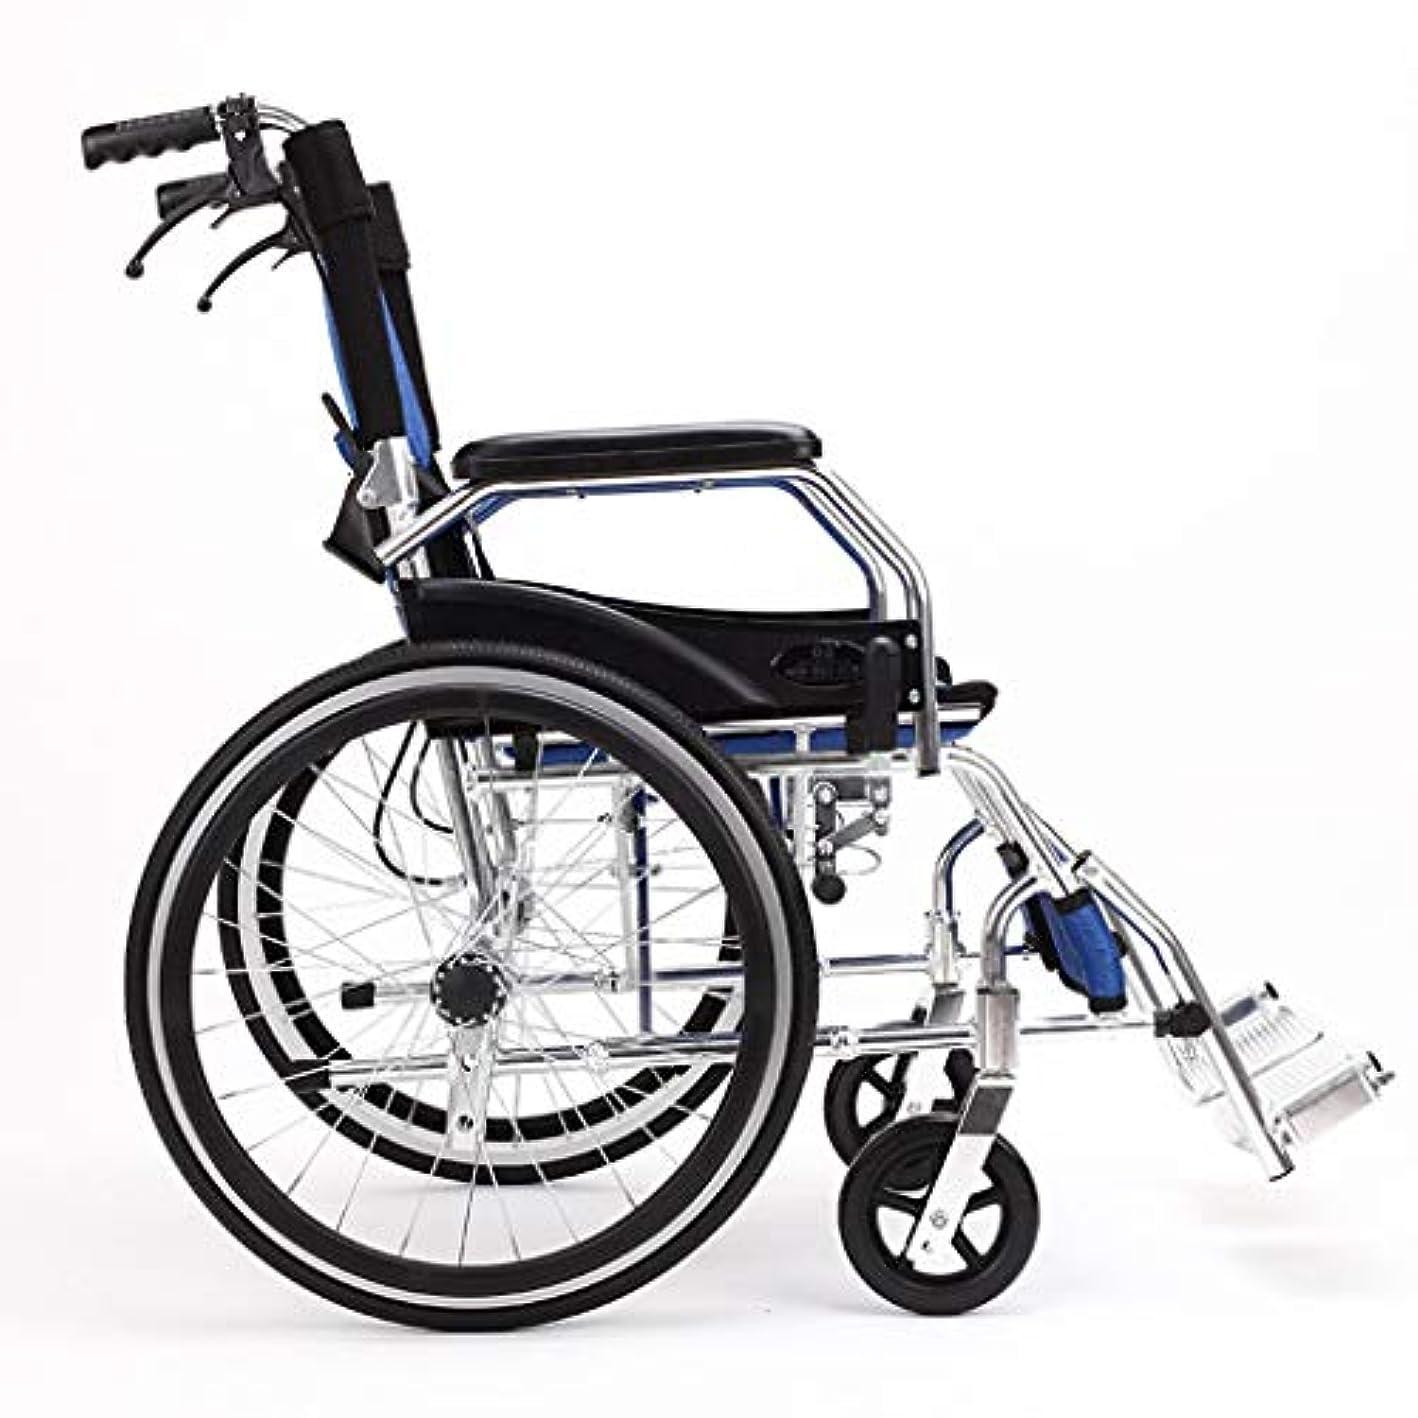 類似性食べるテーブルを設定する折りたたみ式車椅子超軽量ポータブル、20インチPUタイヤ、高齢者障害者手押し車椅子